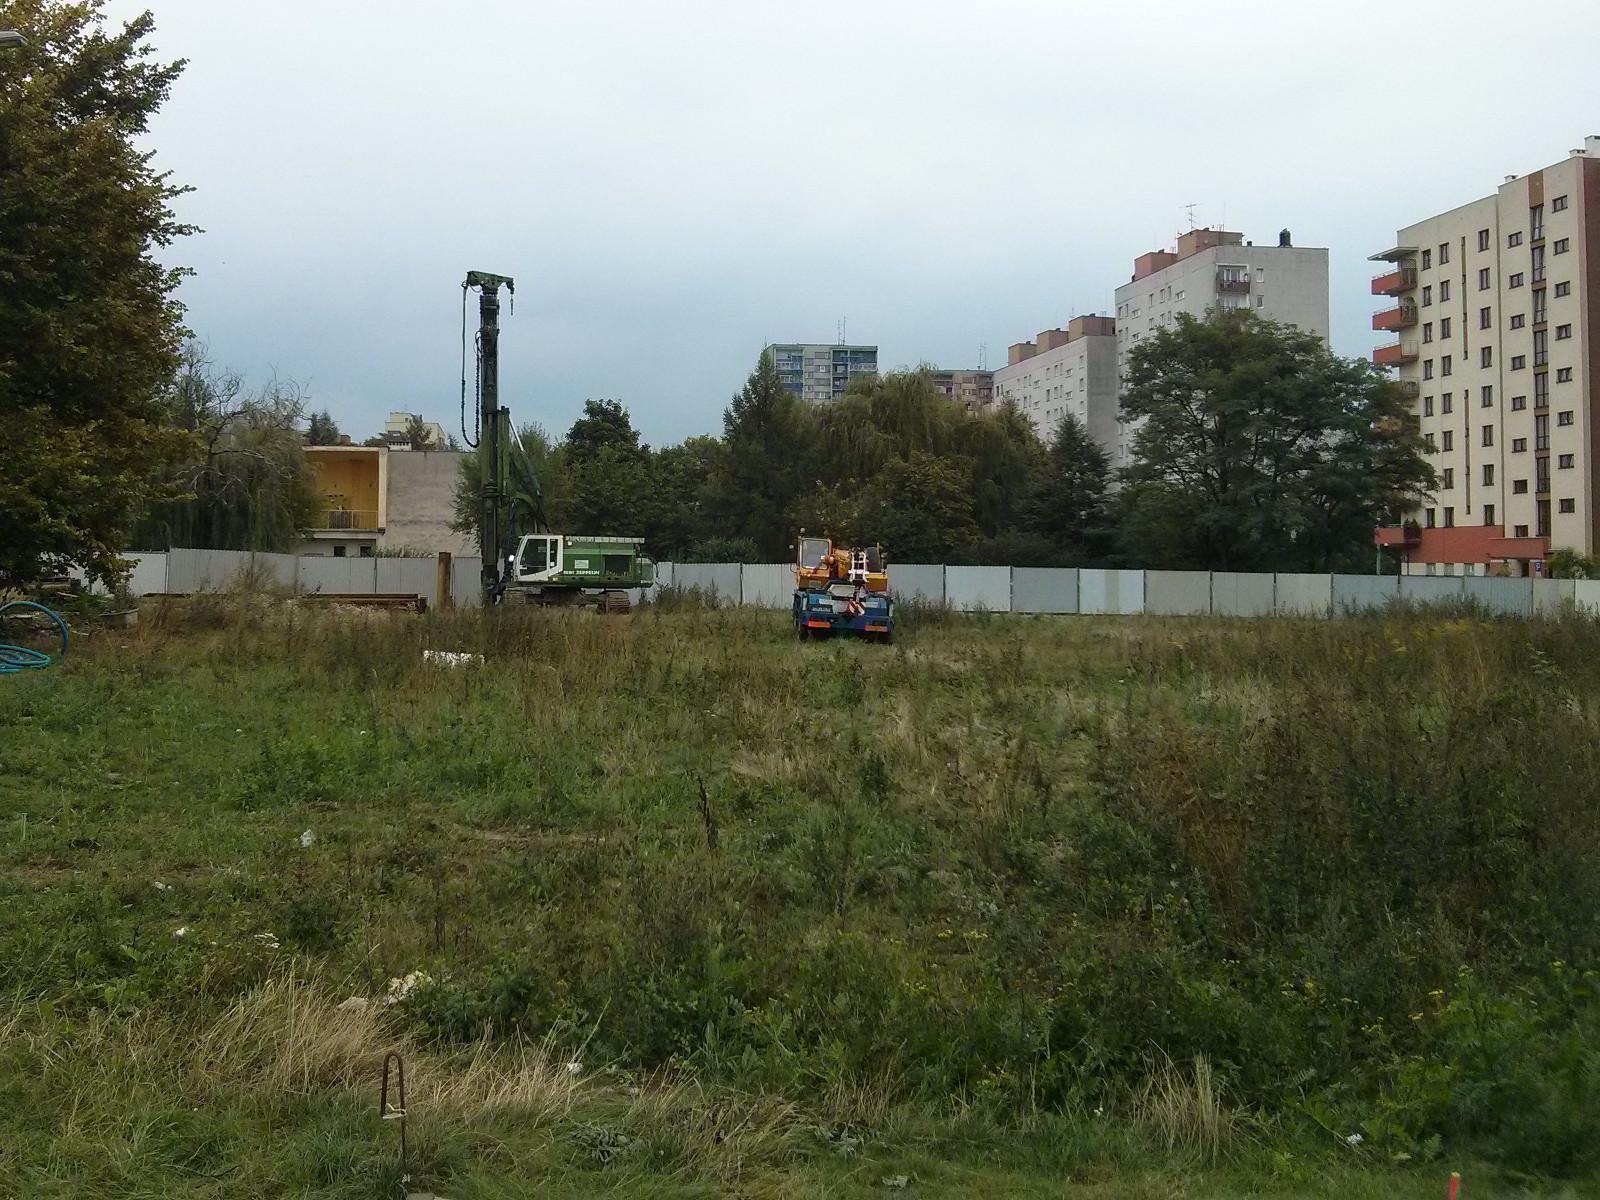 Budimex przygotowuje teren pod budowę osiedla Avia 7